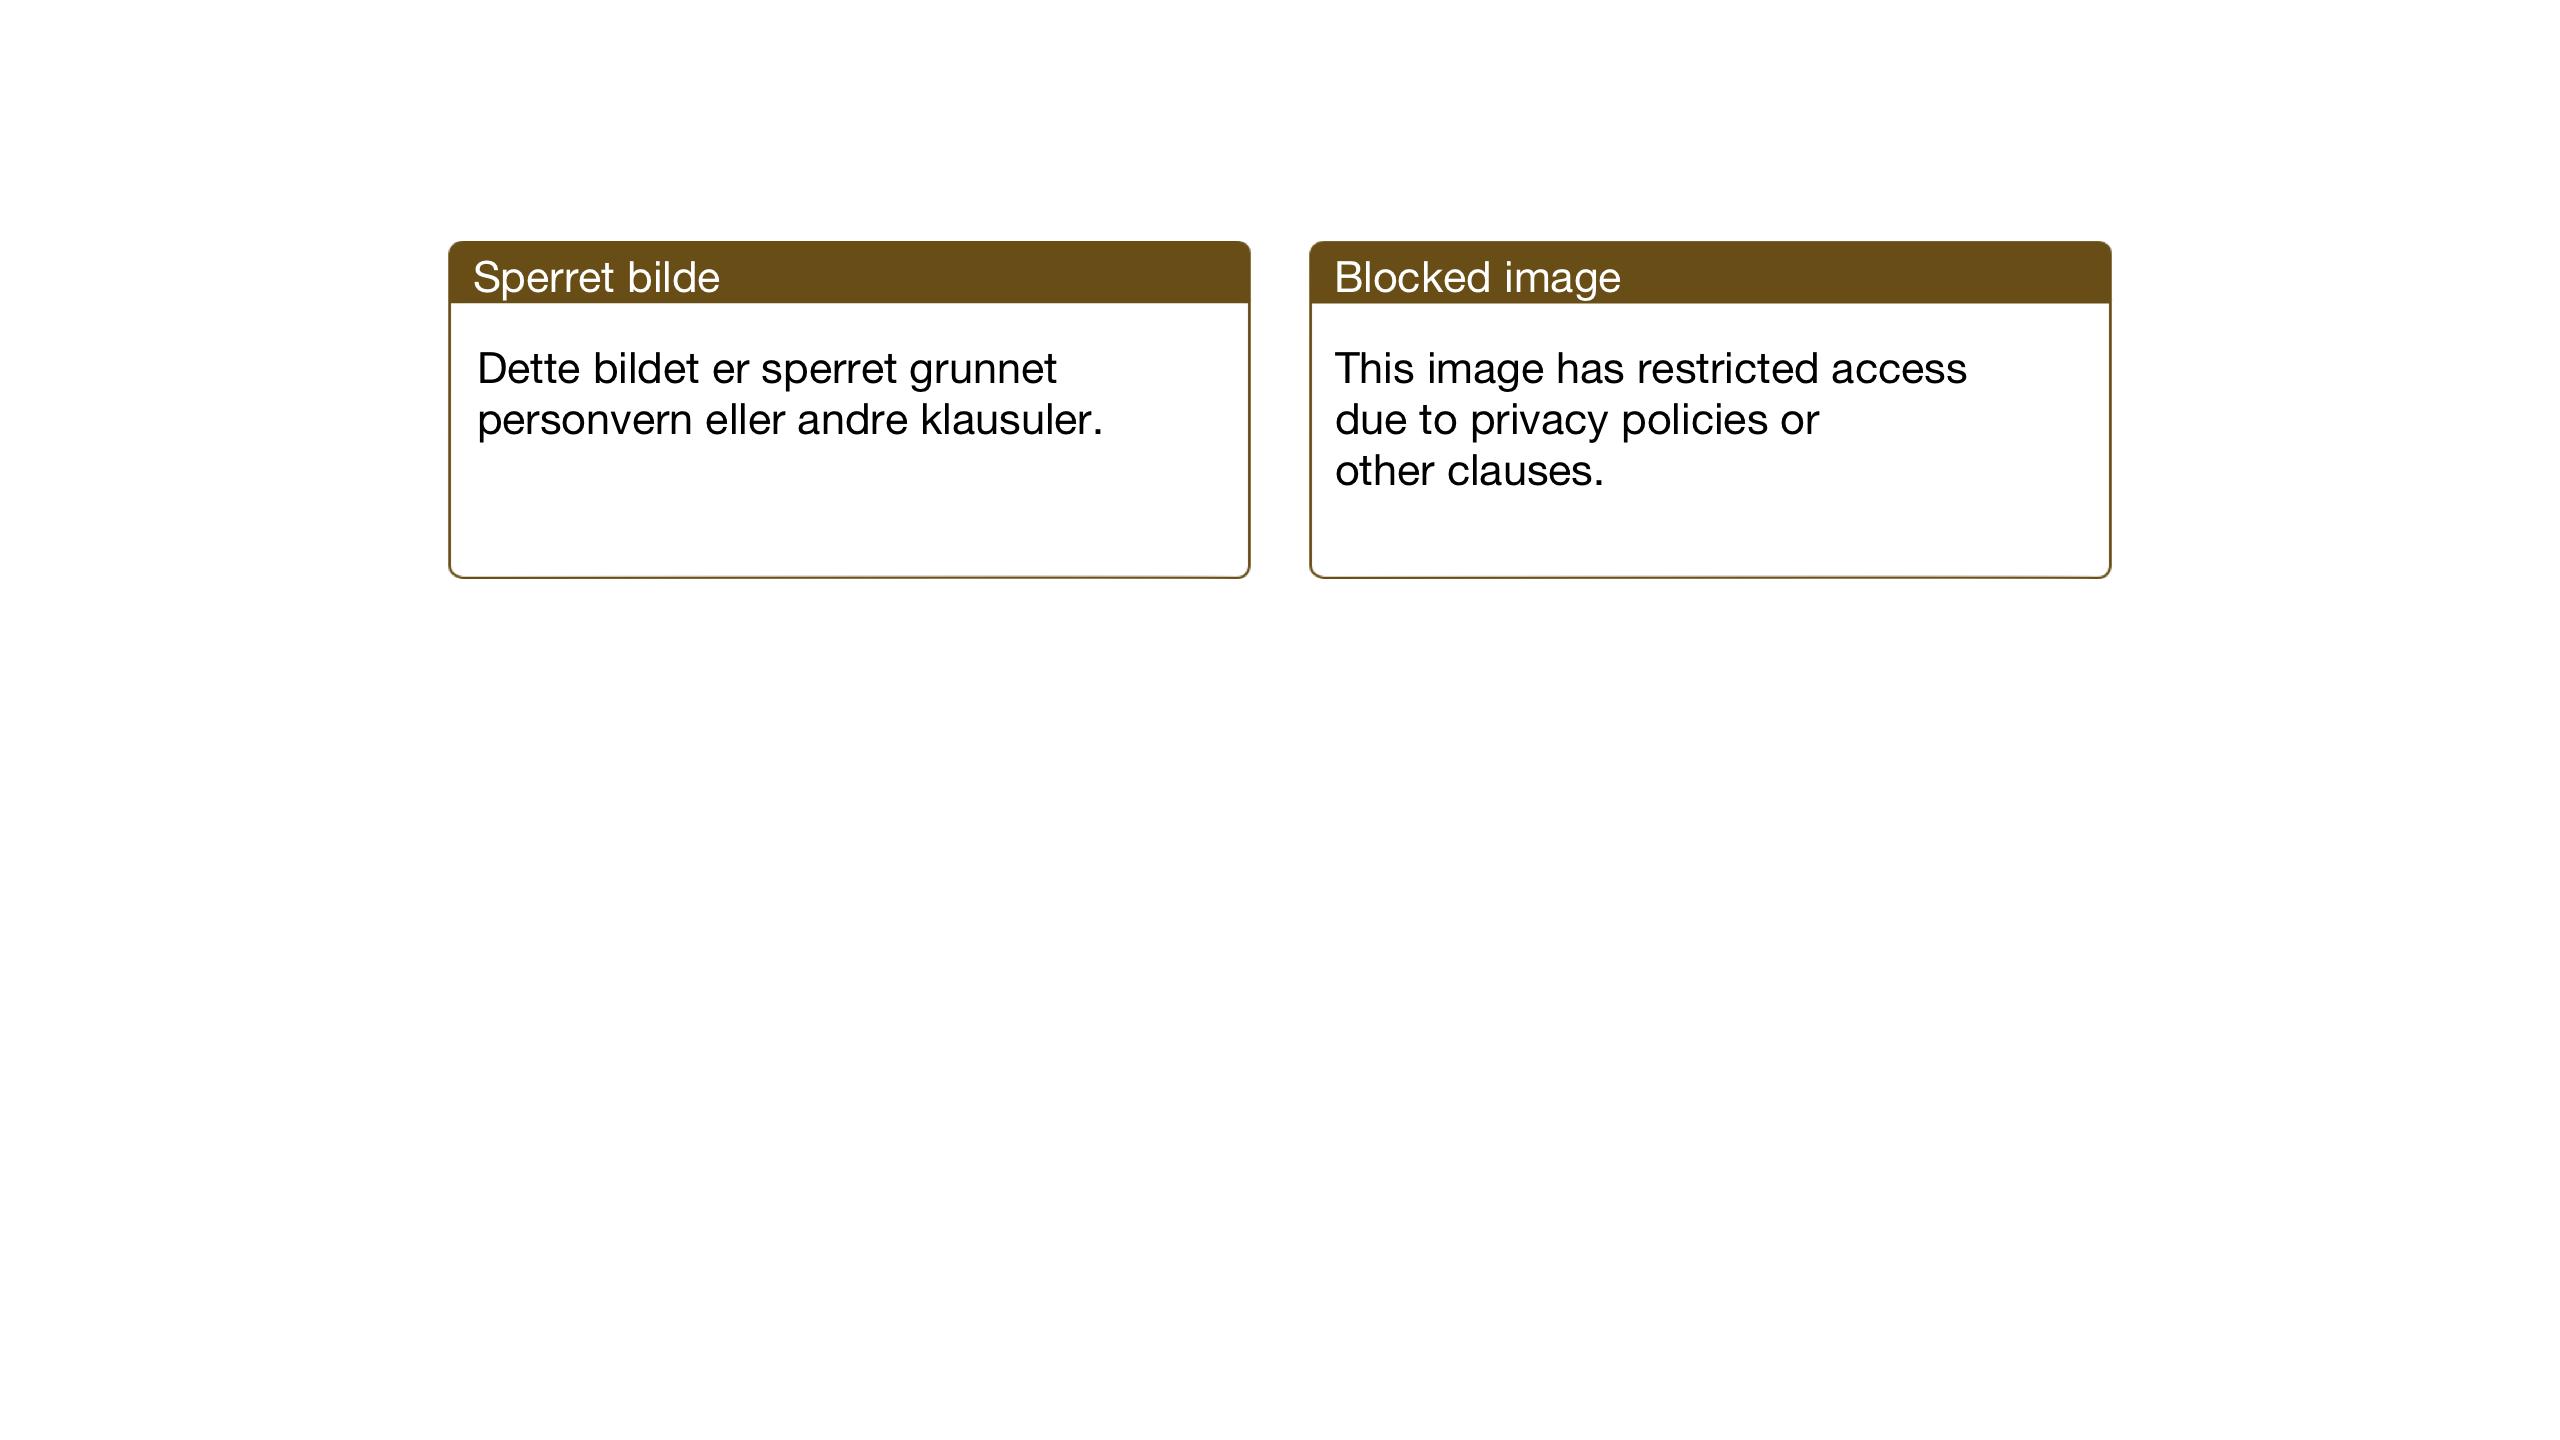 SAT, Ministerialprotokoller, klokkerbøker og fødselsregistre - Sør-Trøndelag, 640/L0590: Klokkerbok nr. 640C07, 1935-1948, s. 212